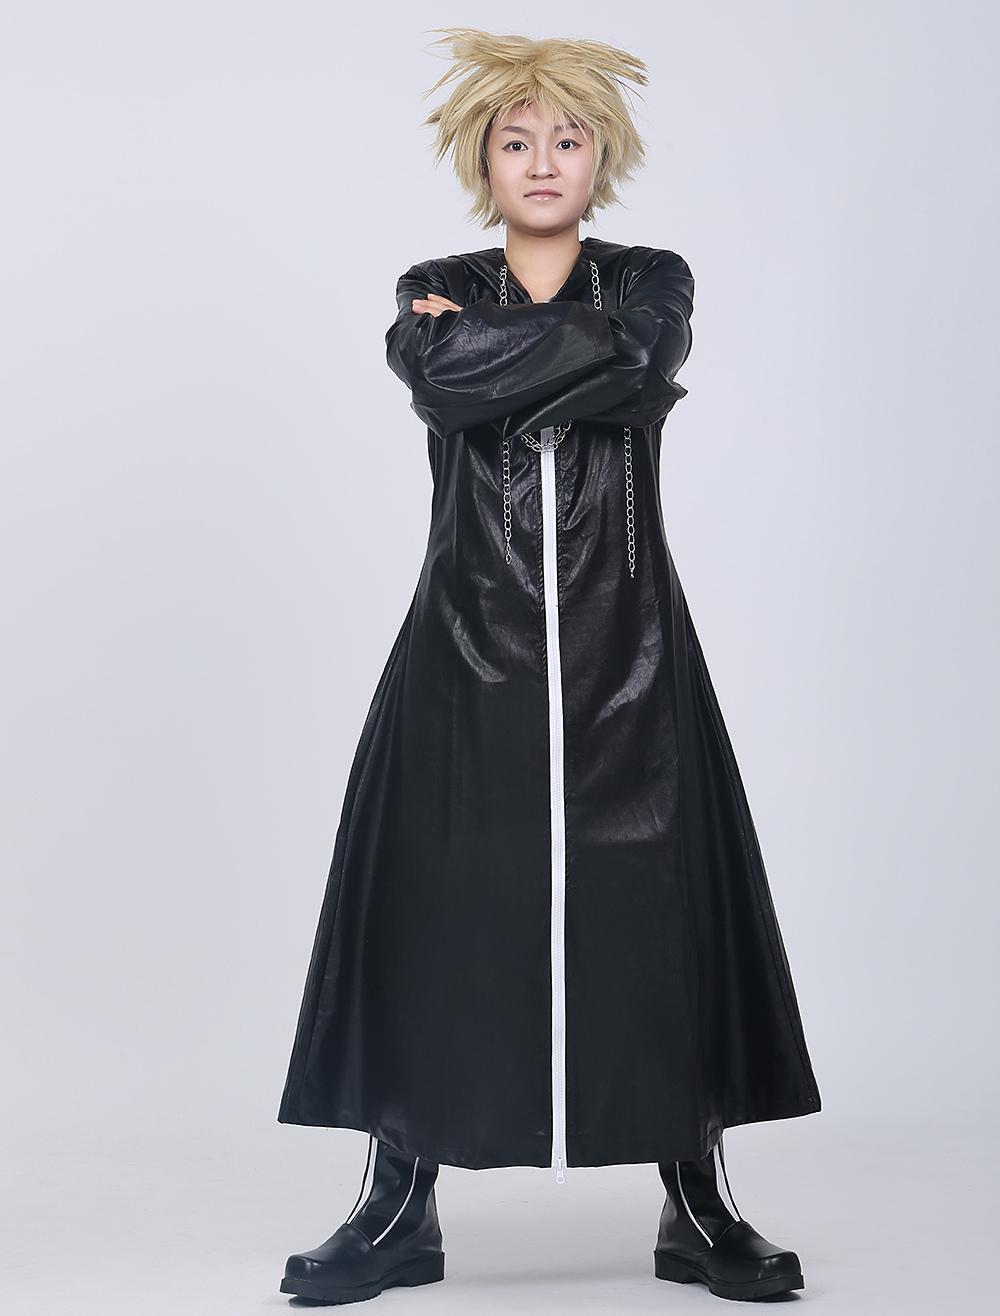 Halloween Kingdom Hearts Organization XIII Cosplay Kostüm Halloween ...